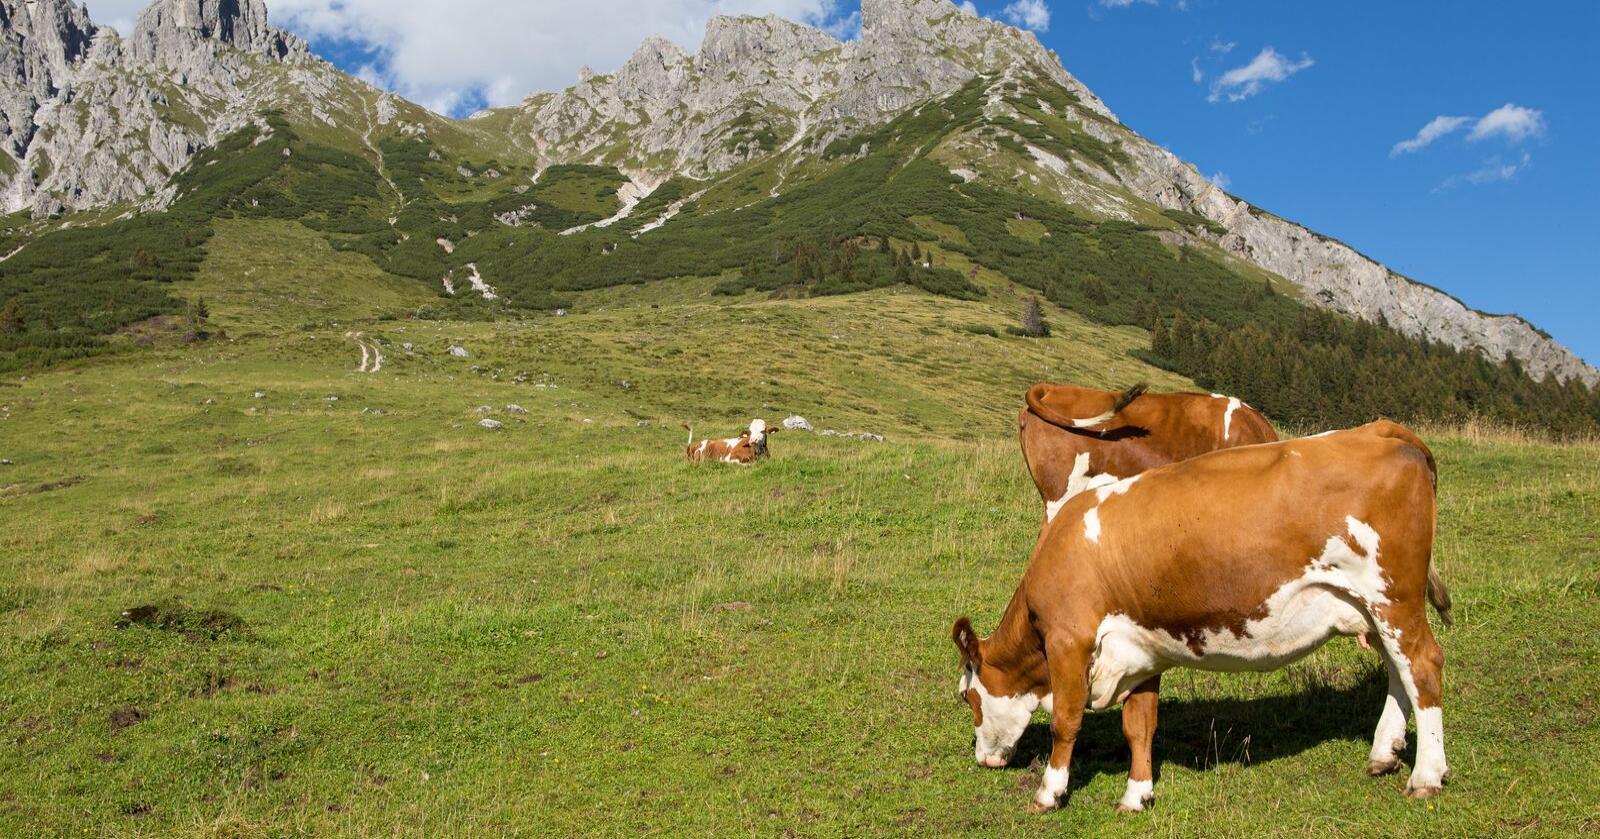 Fjellbøndene i Østerrike har lykkes med å øke produksjonen av melk de siste årene, og eksport til flere land. Foto: Lubos Chlubny/Mostphotos